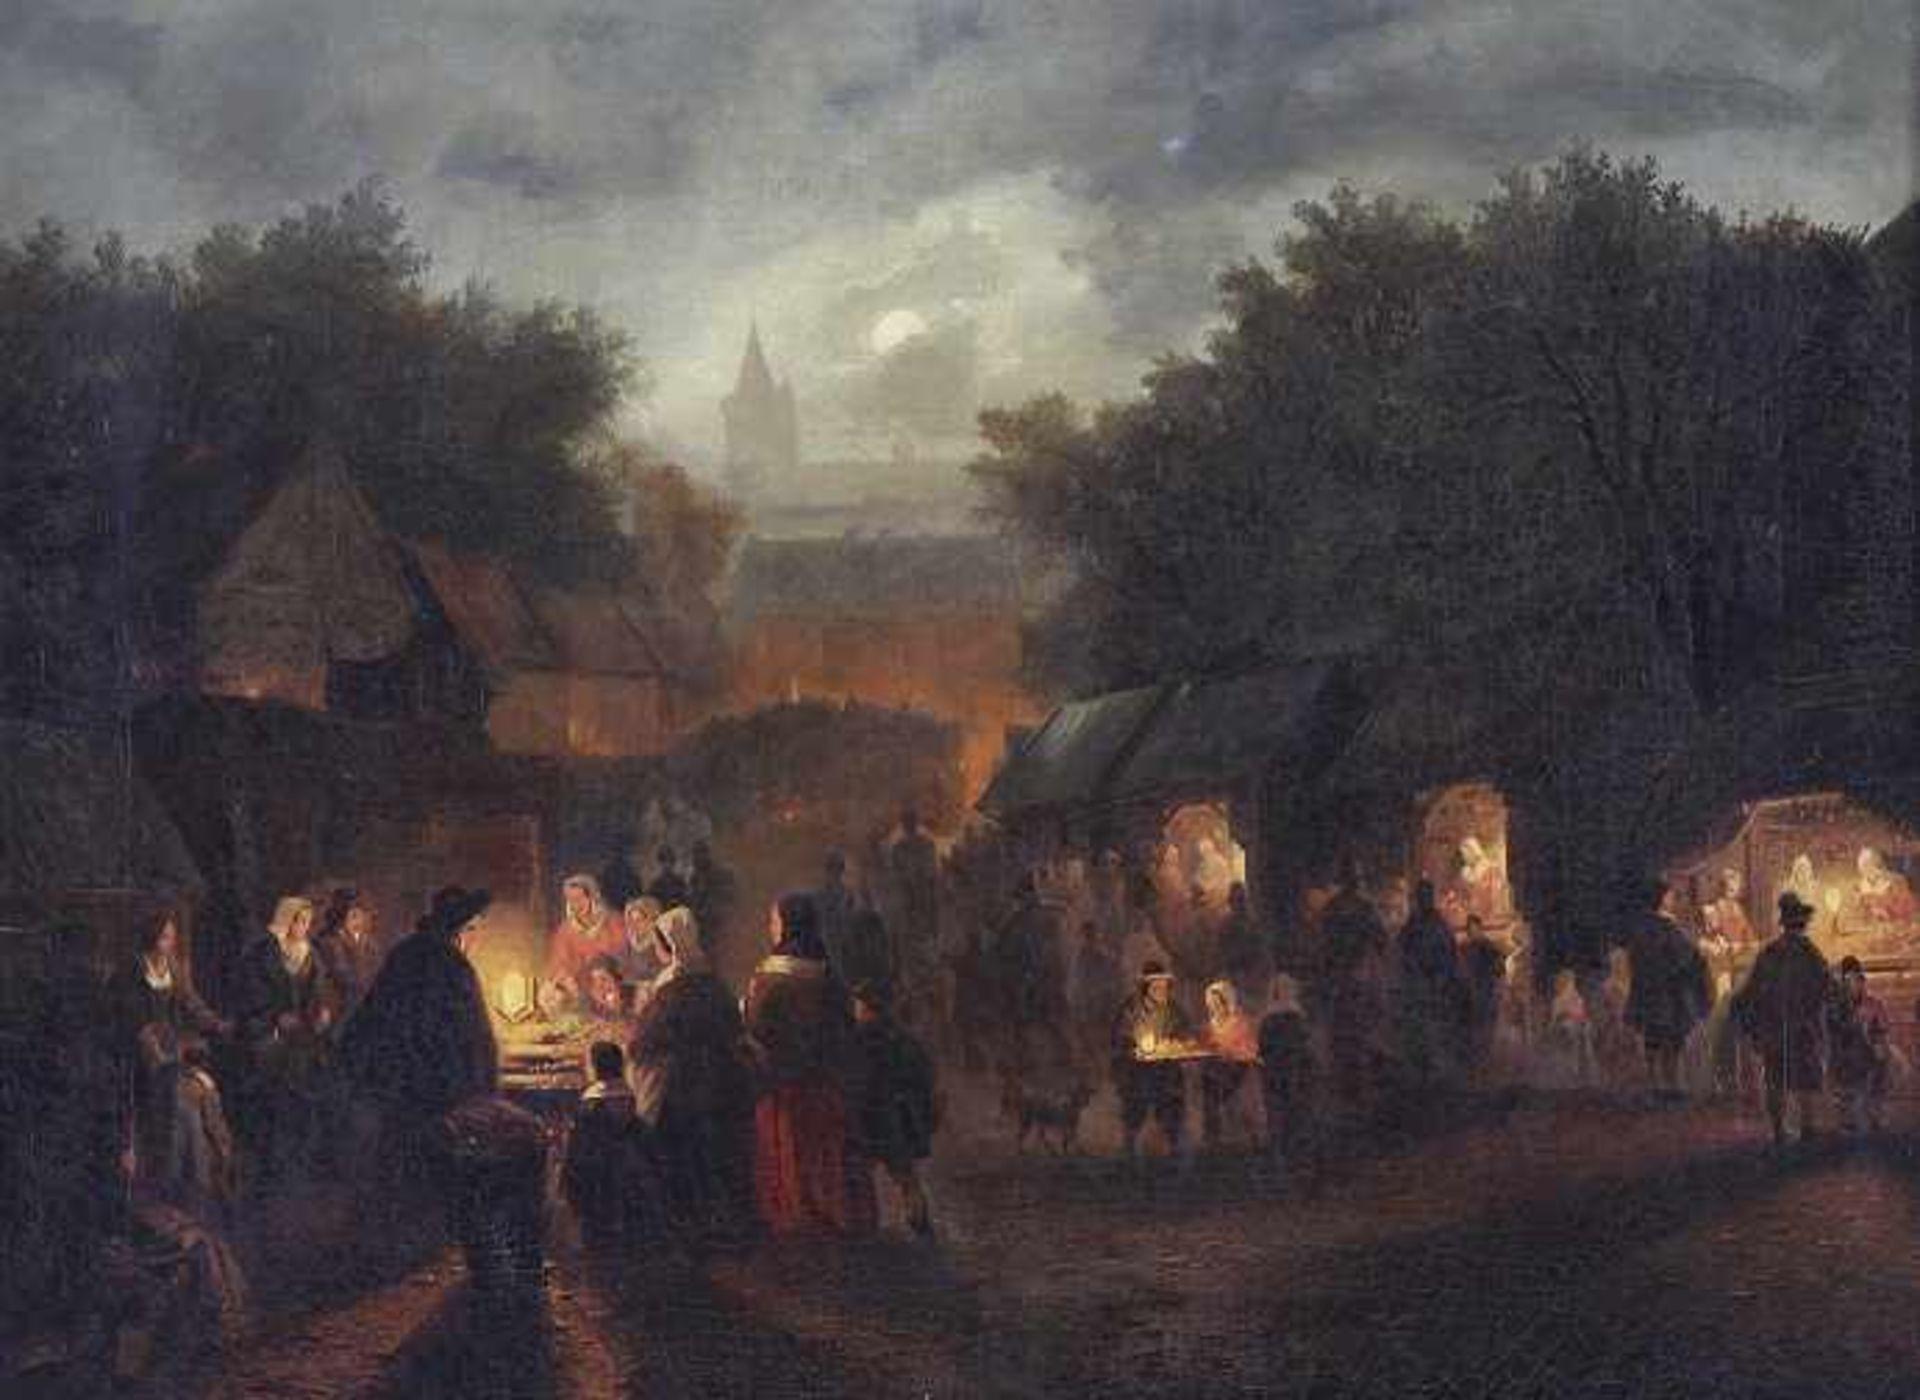 Hagn, Ludwig von (Munich 1819 - 1898 Munich) - Bild 3 aus 6